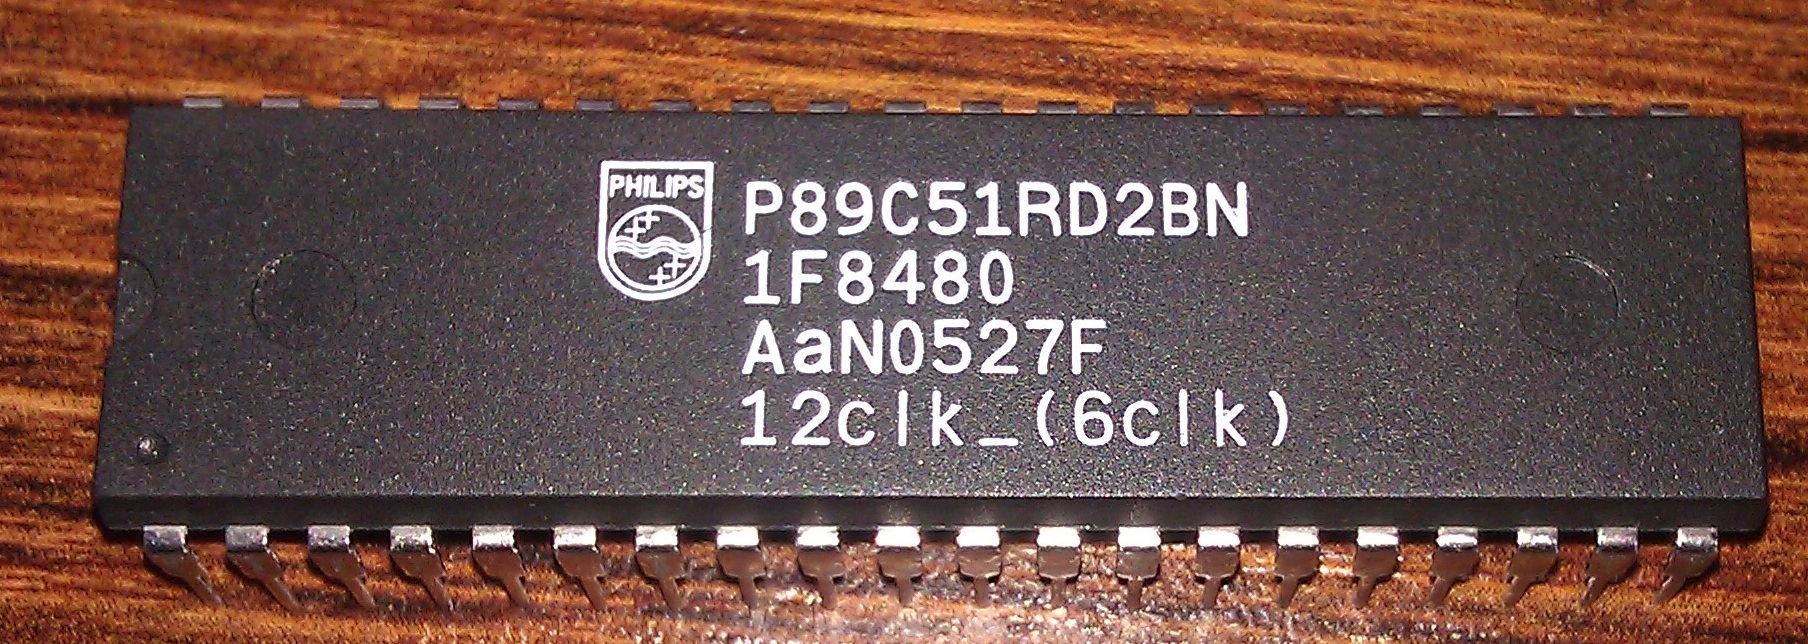 [Zlec�] Zaprogramowanie P89c51rd2bn oraz M27c512